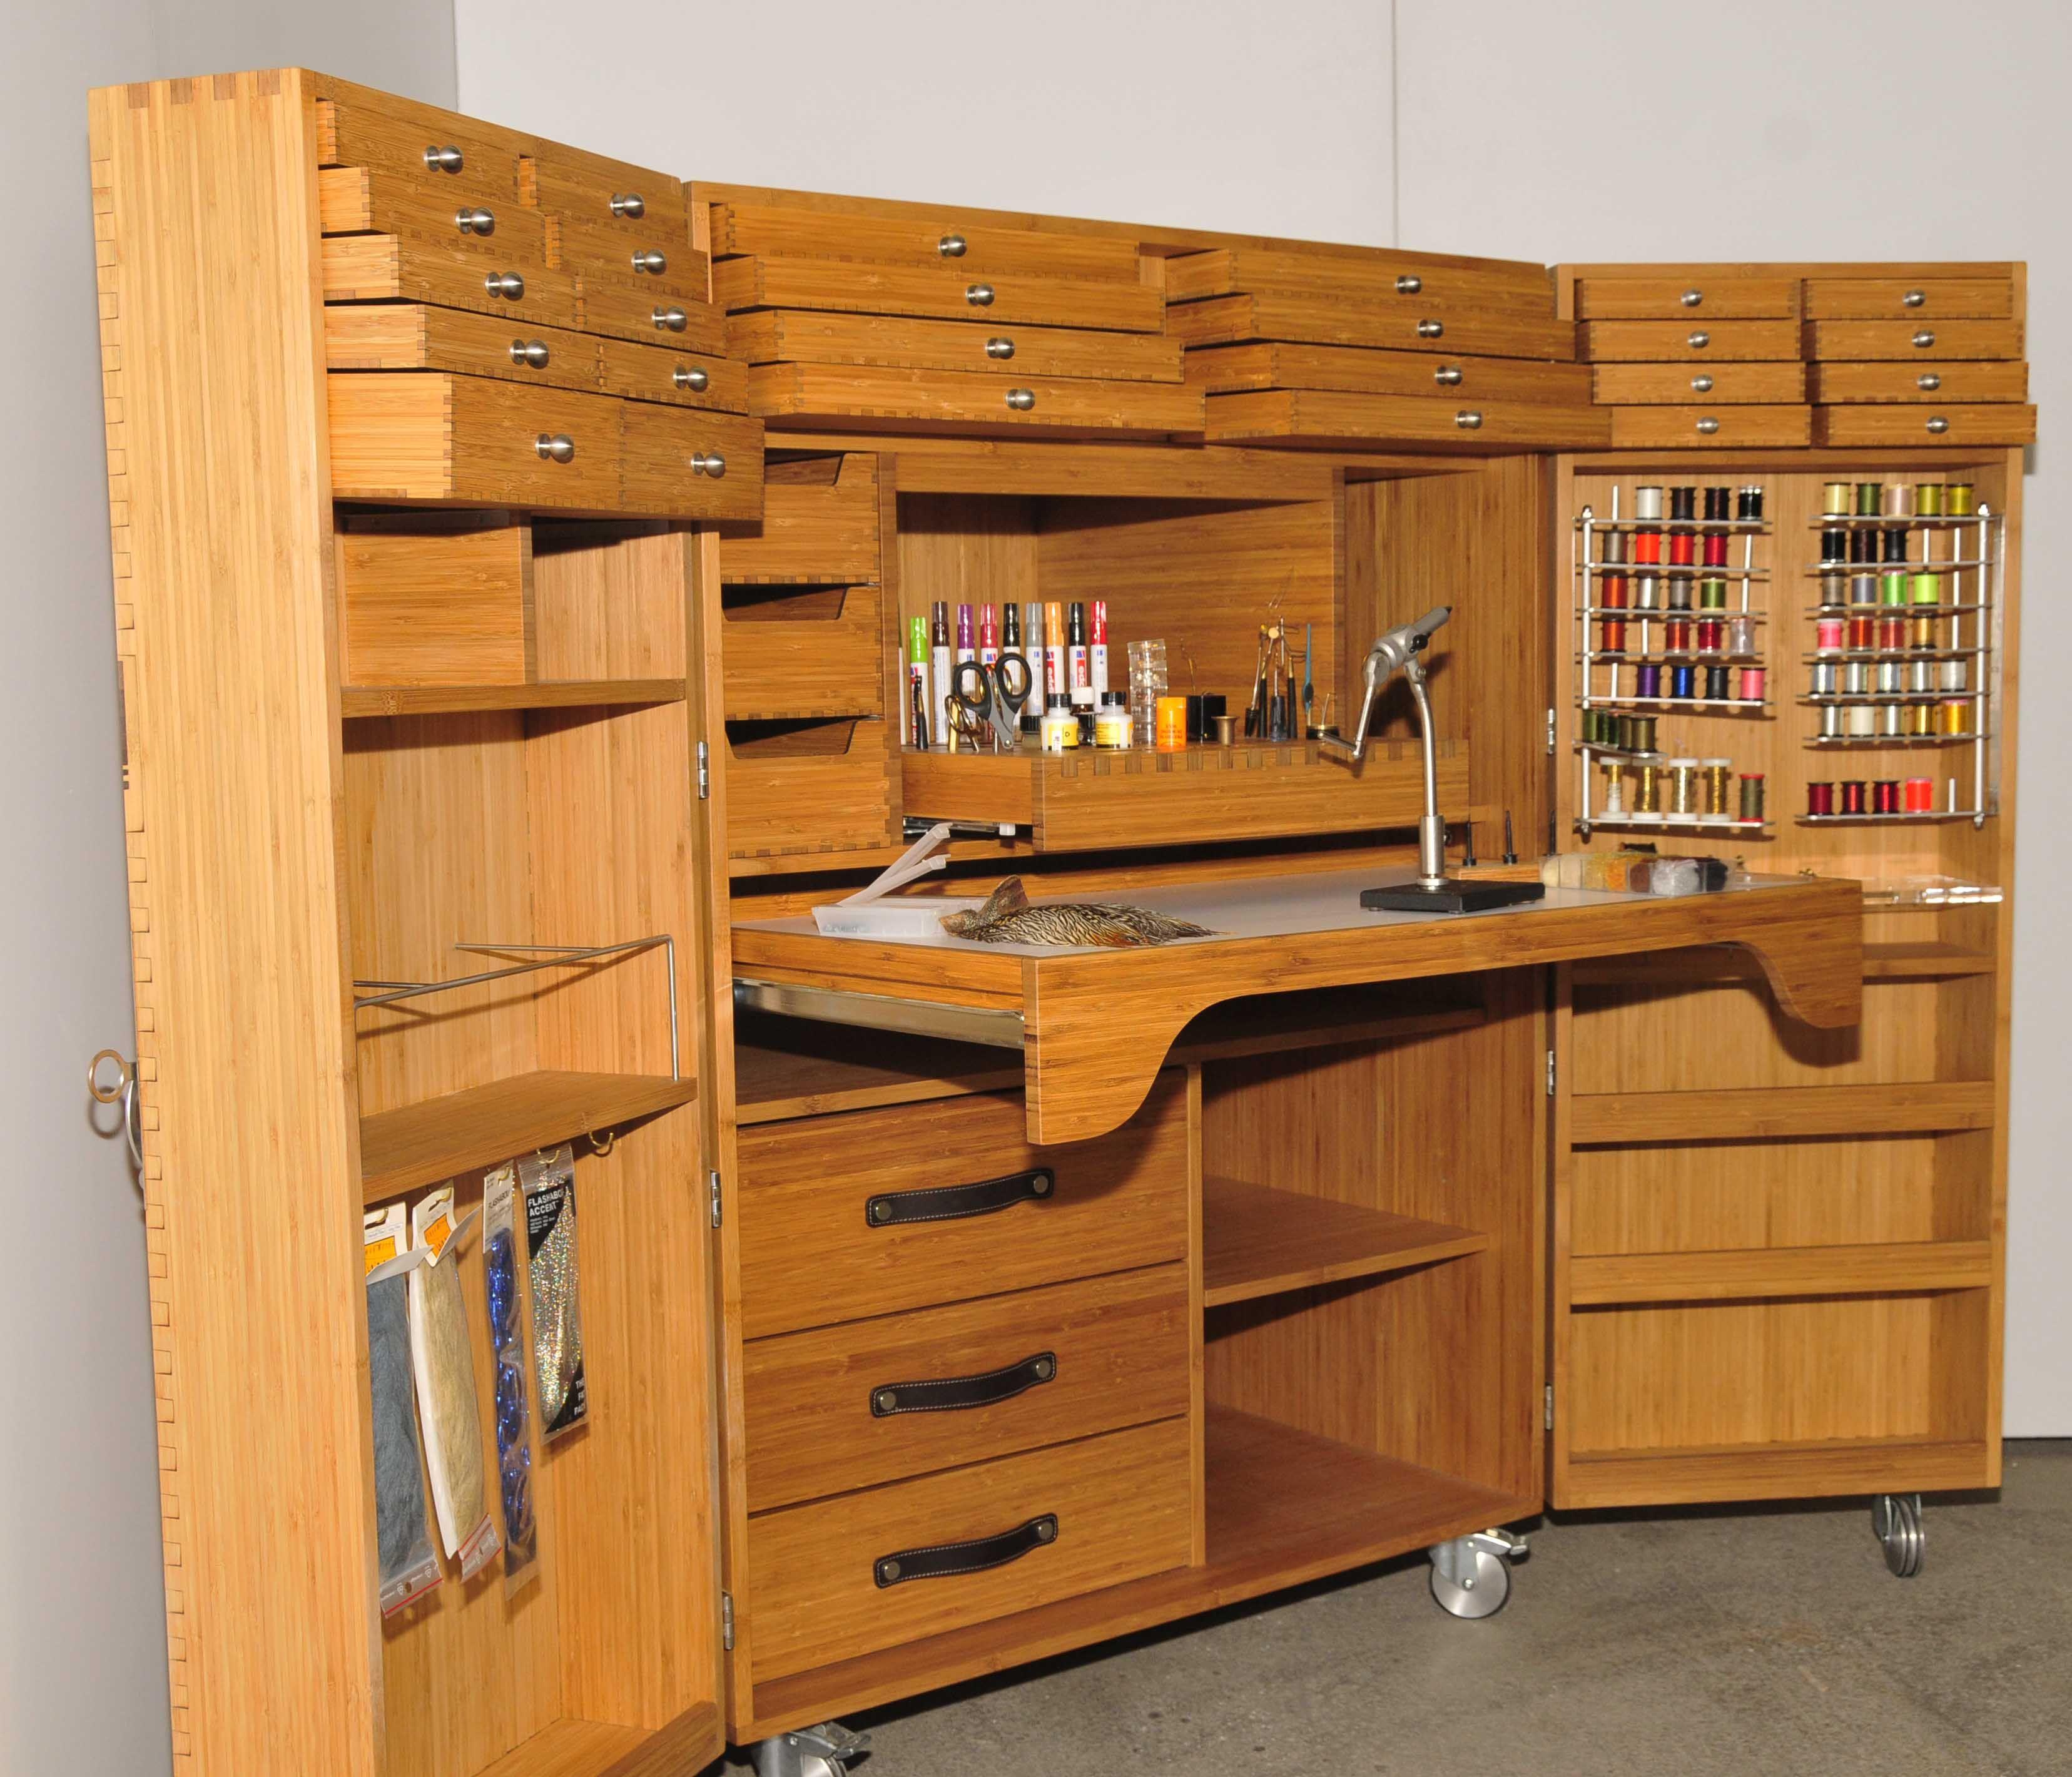 flytying storage Fly tying desk, Fly tying, Fly tying